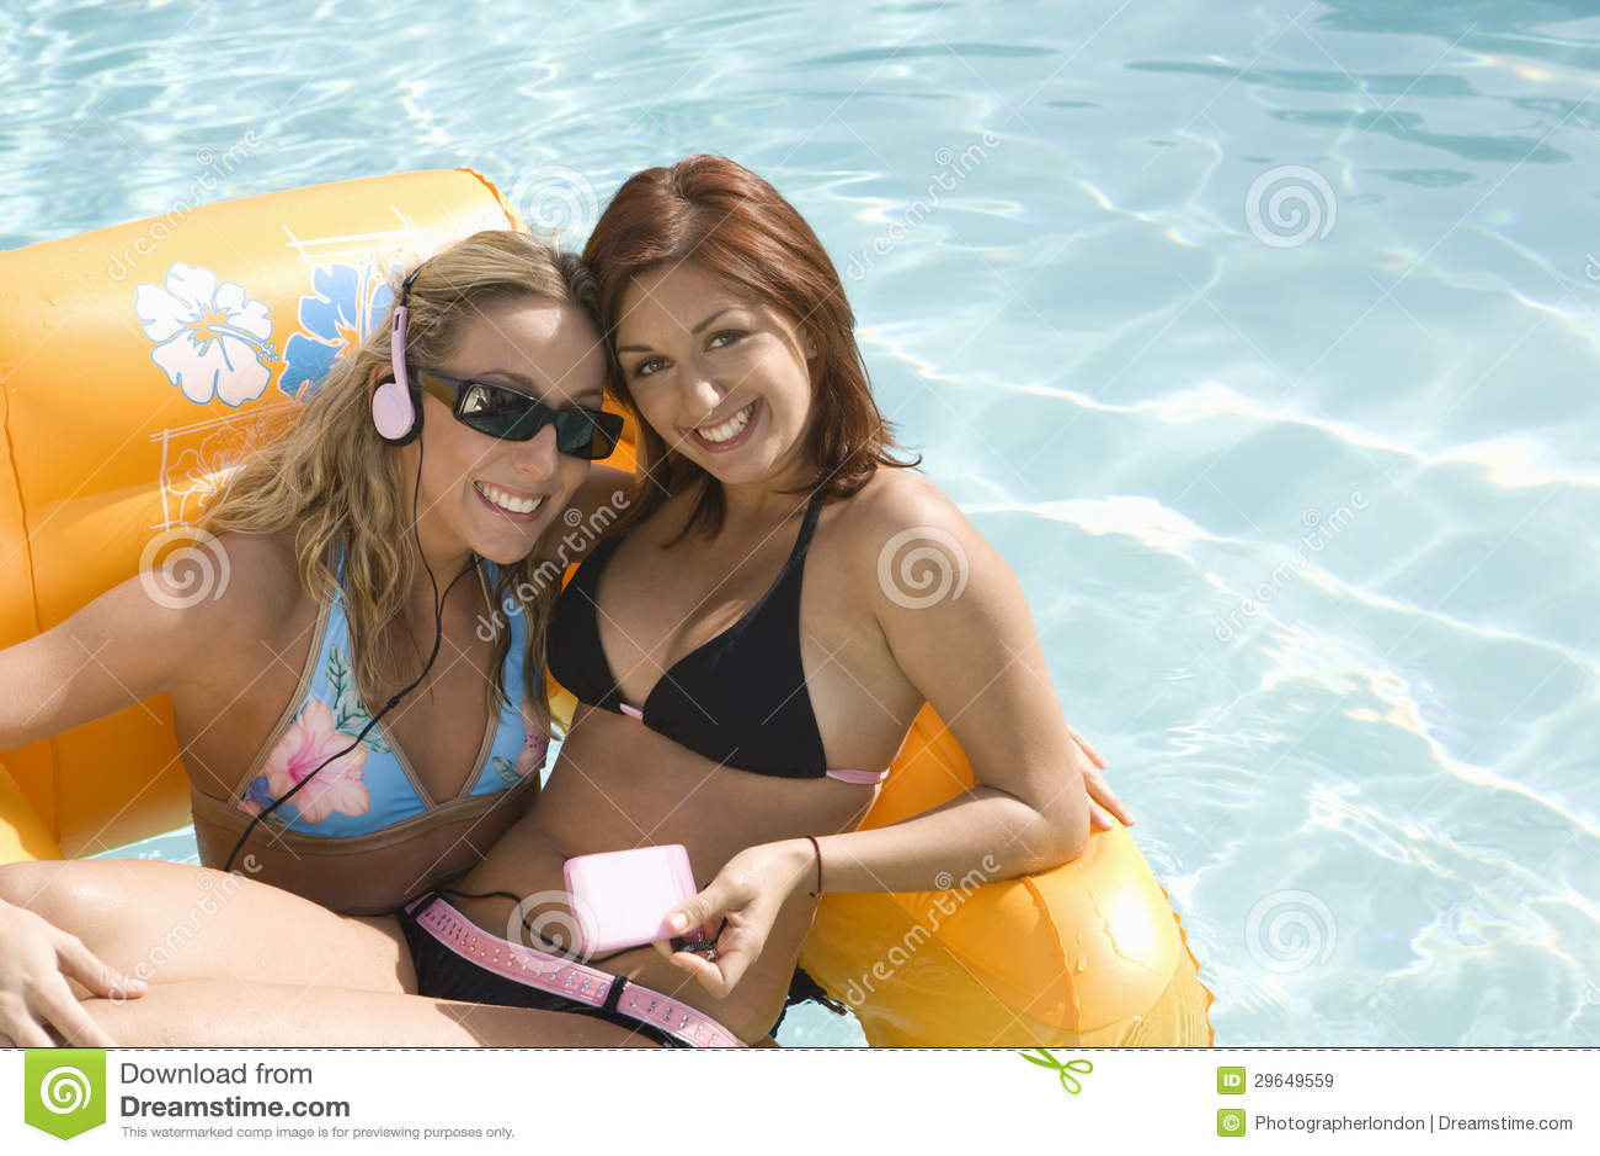 Mulheres na jangada inflável na associação